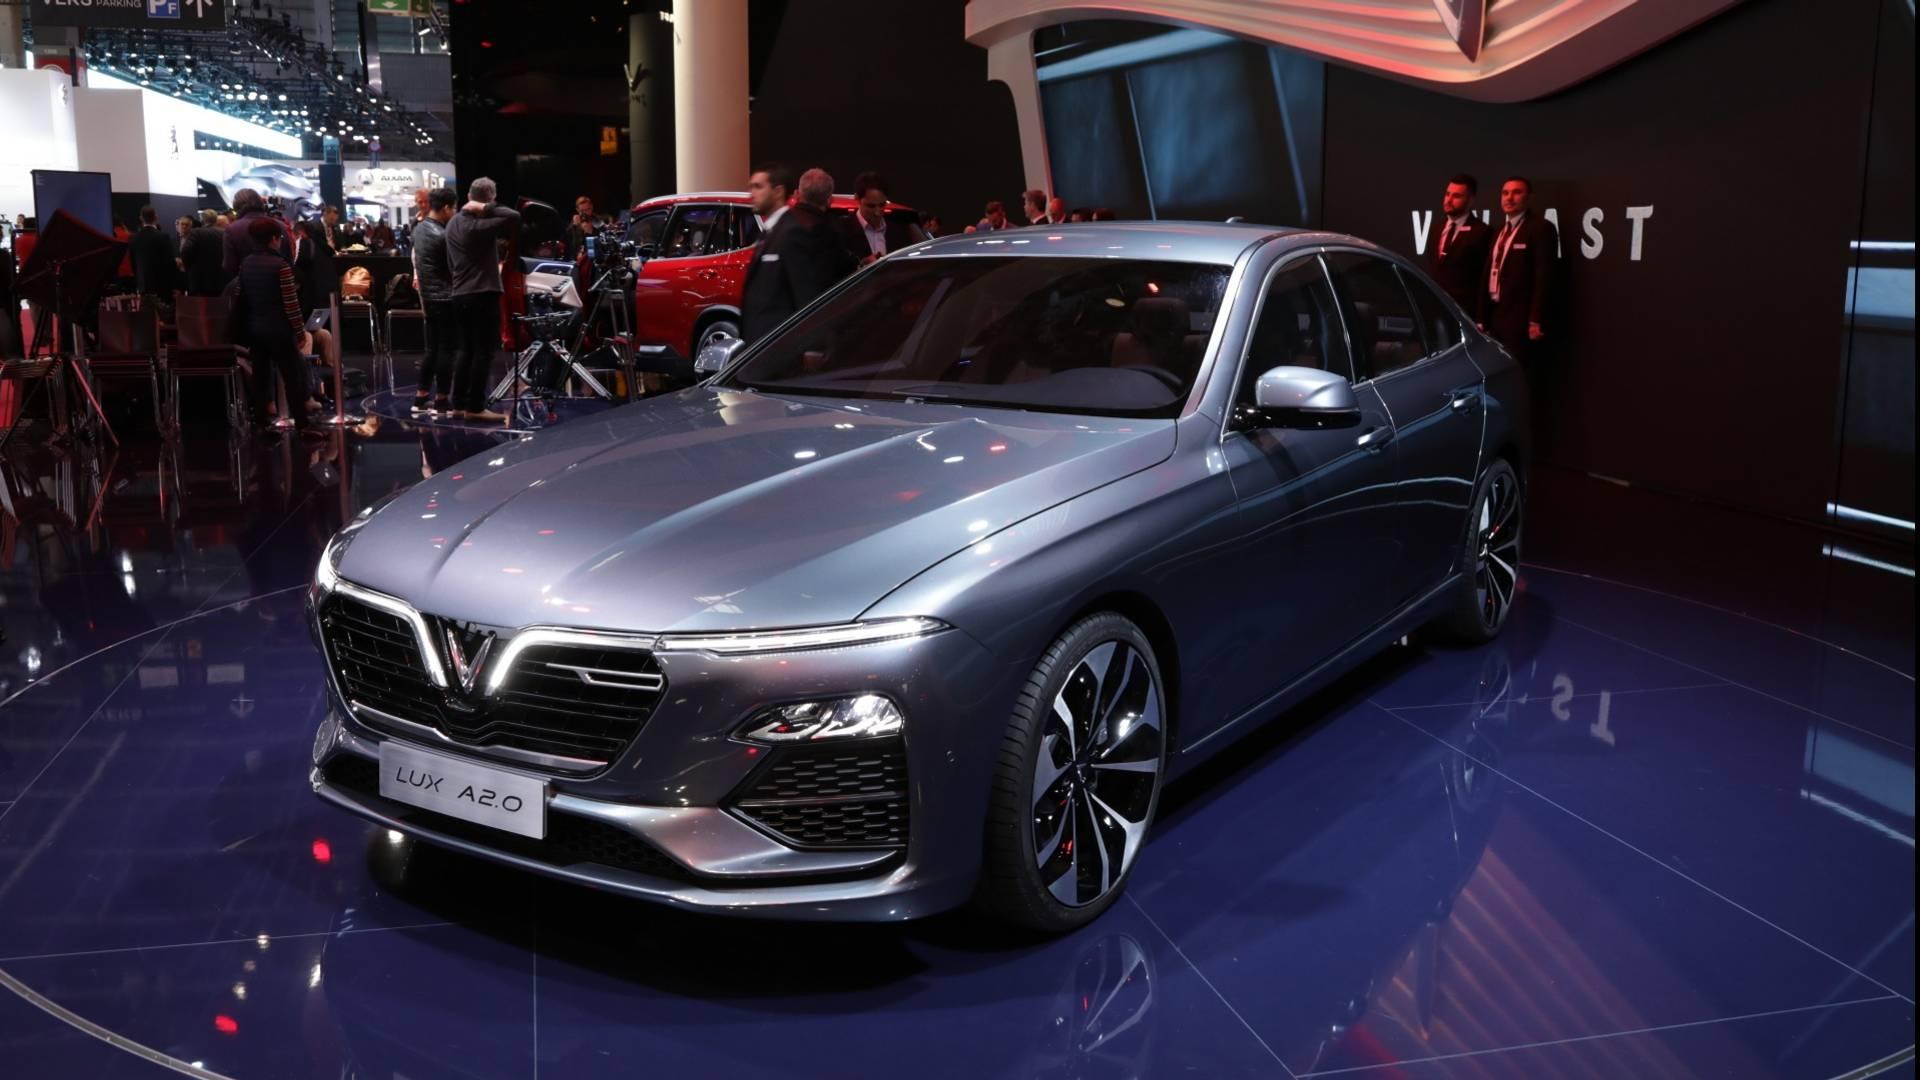 Vinfast – vijetnamski proizvođač automobila debitovao u Evropi